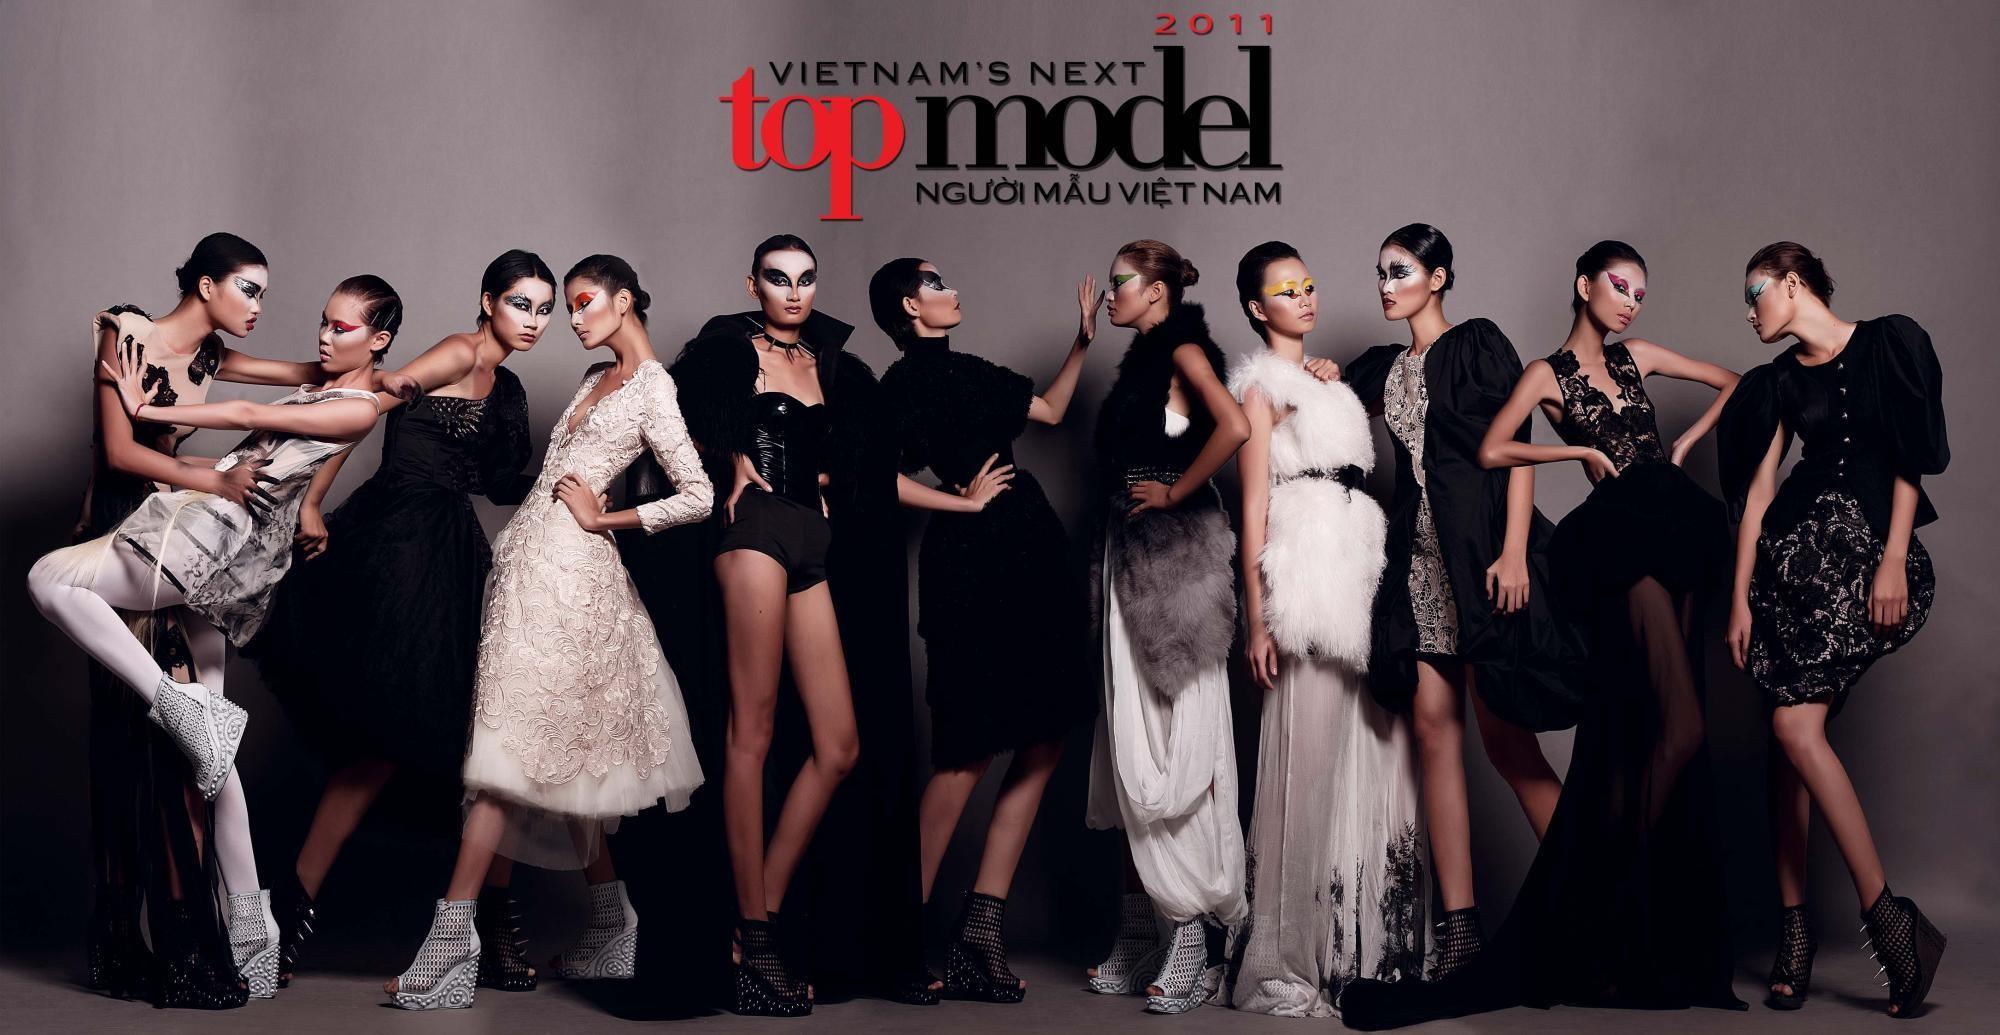 Nhìn lại poster ấn tượng của 8 mùa Vietnams Next Top Model và hé lộ điều bất ngờ ở mùa thứ 9 - Ảnh 2.